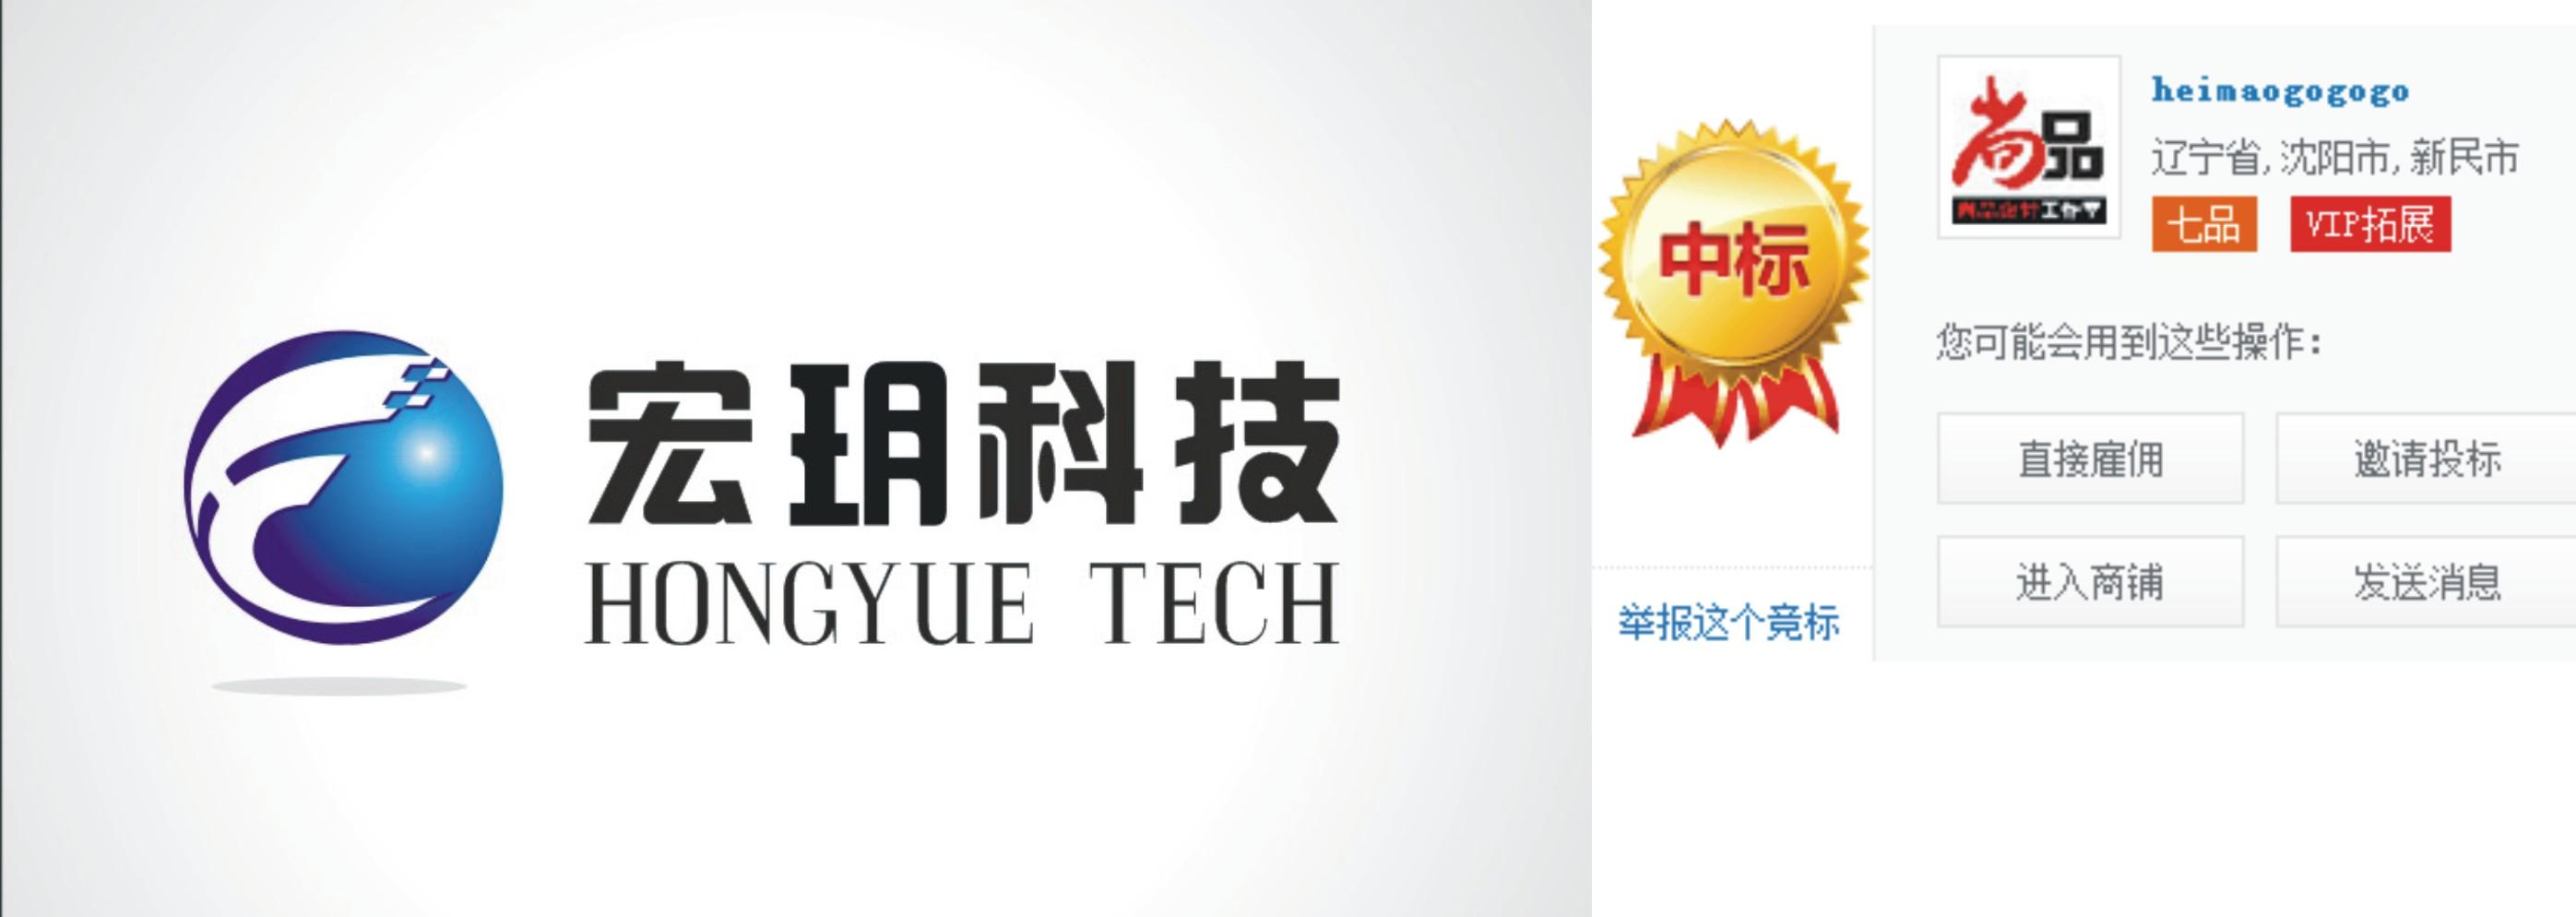 宏玥网络科技标志